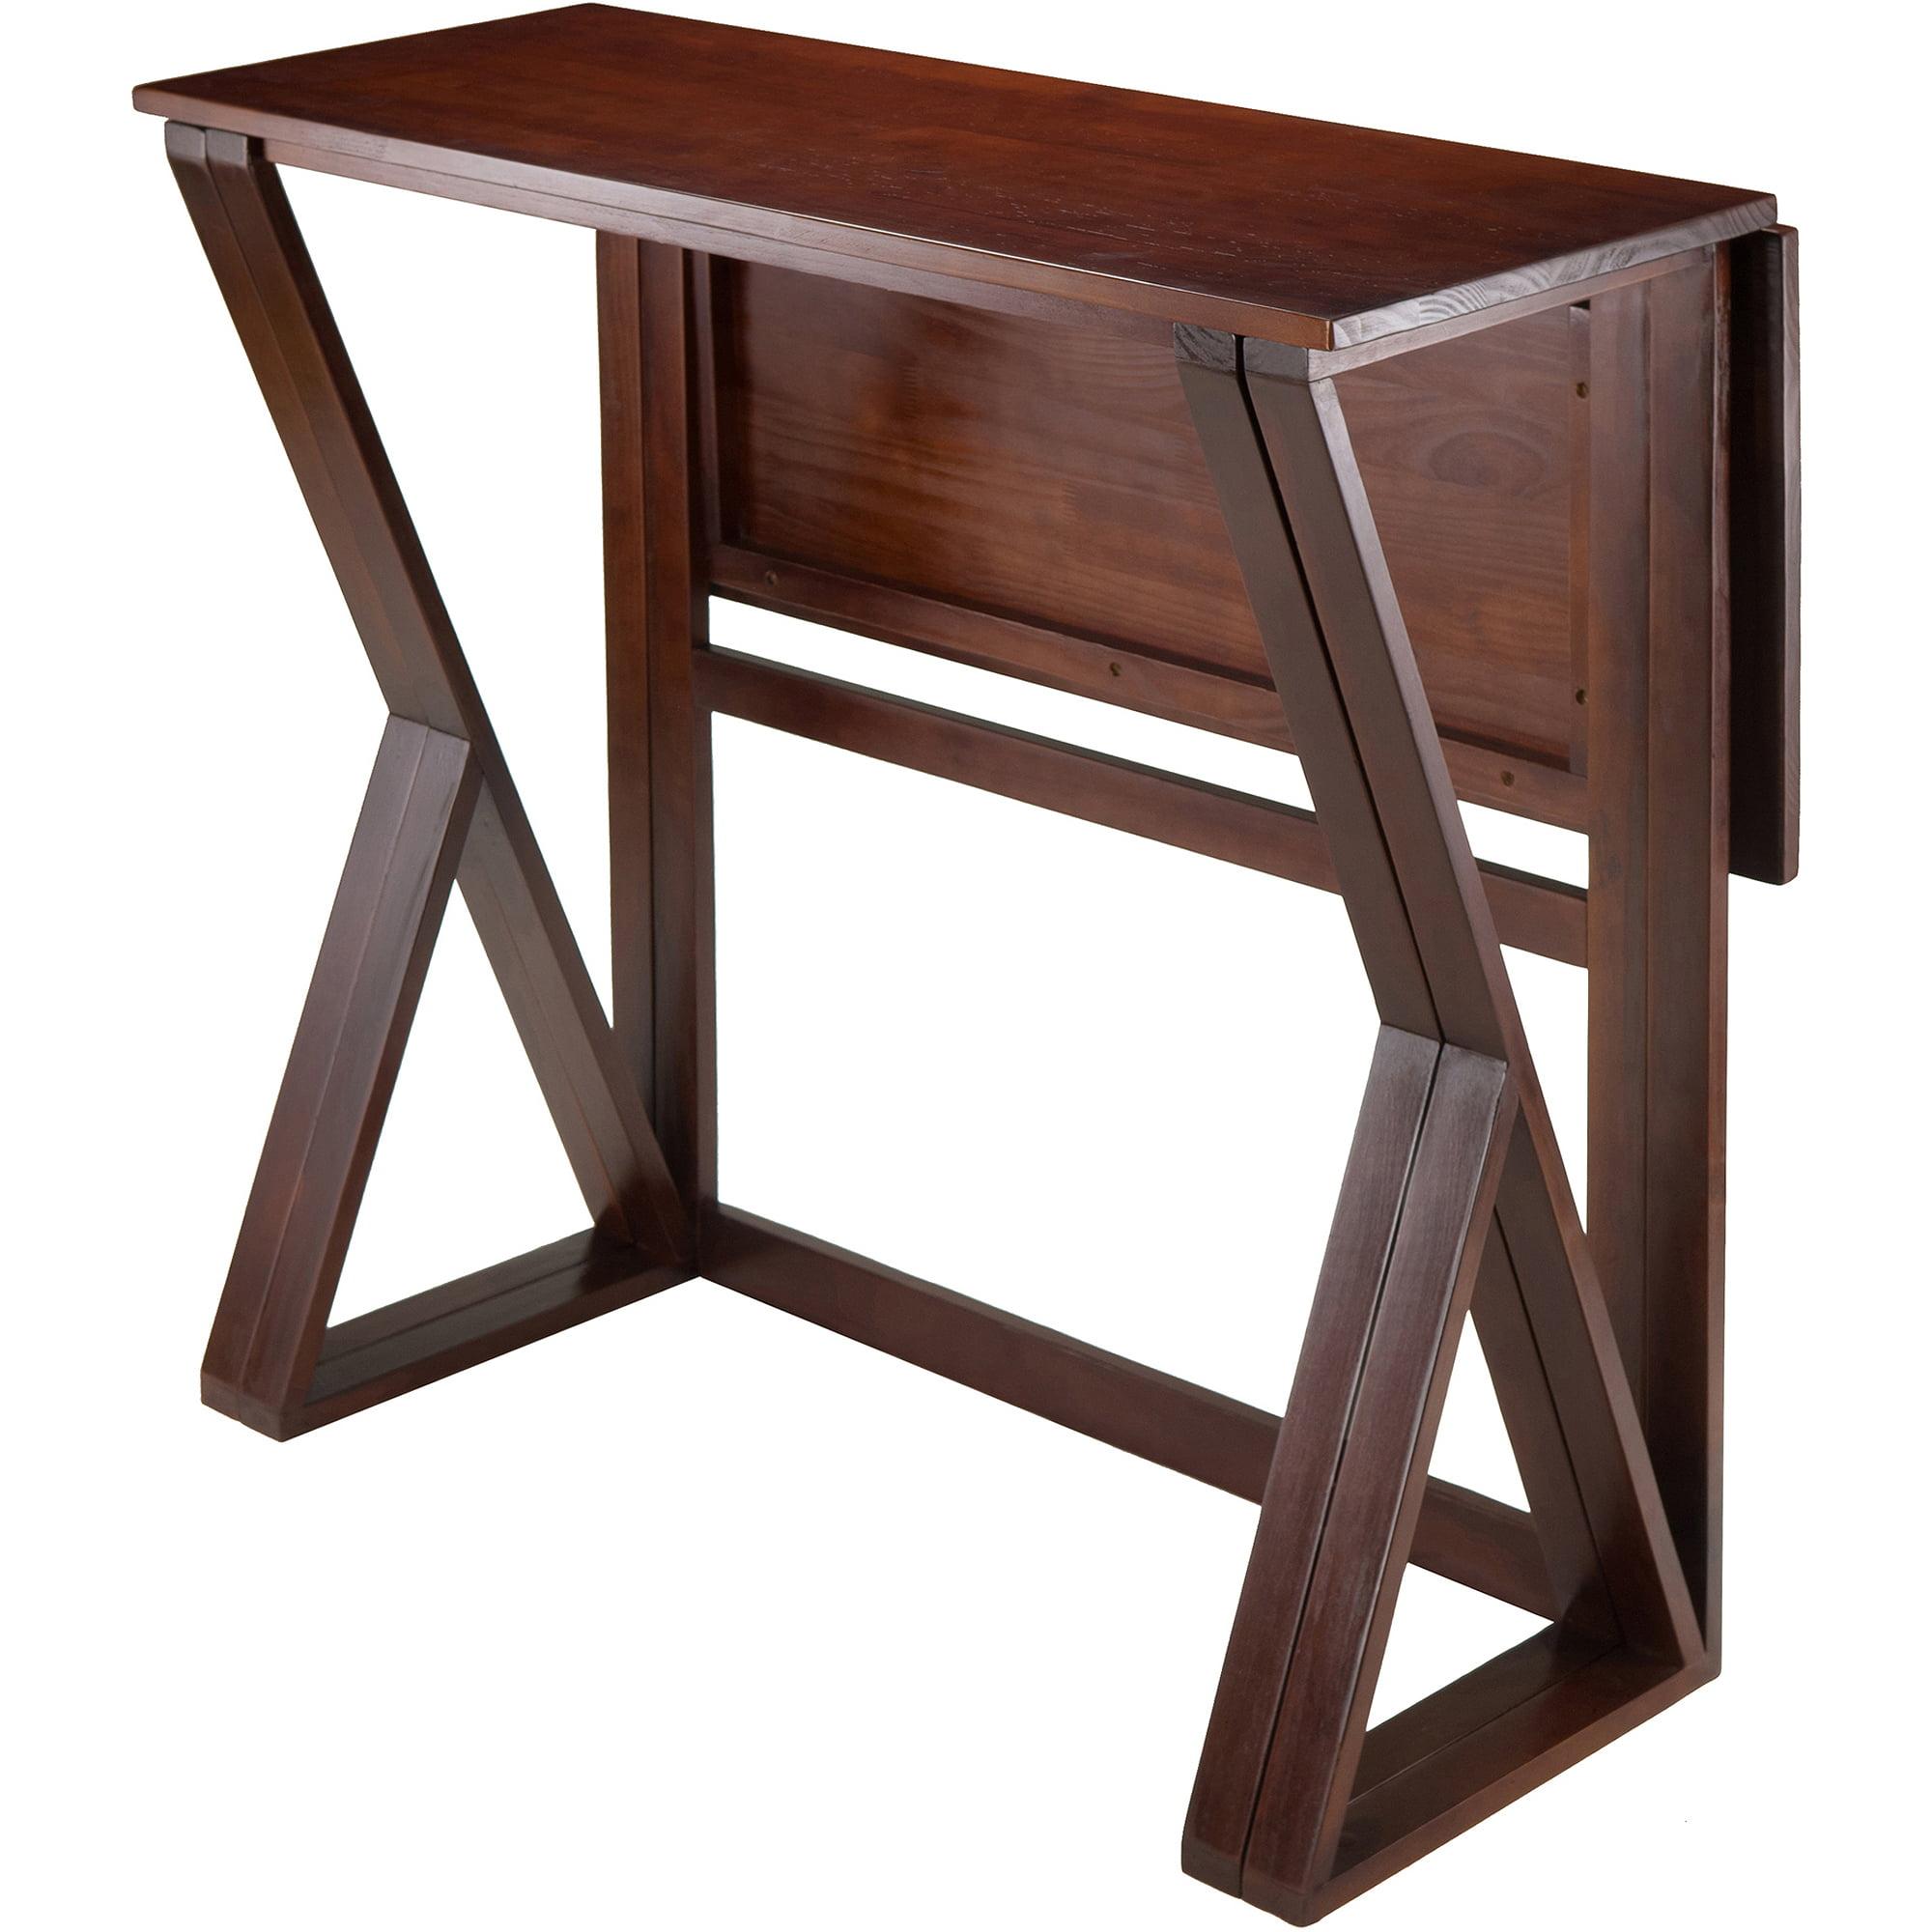 leaf table diningtables dropleaf solid furniture arts boulder shaker cherry drop